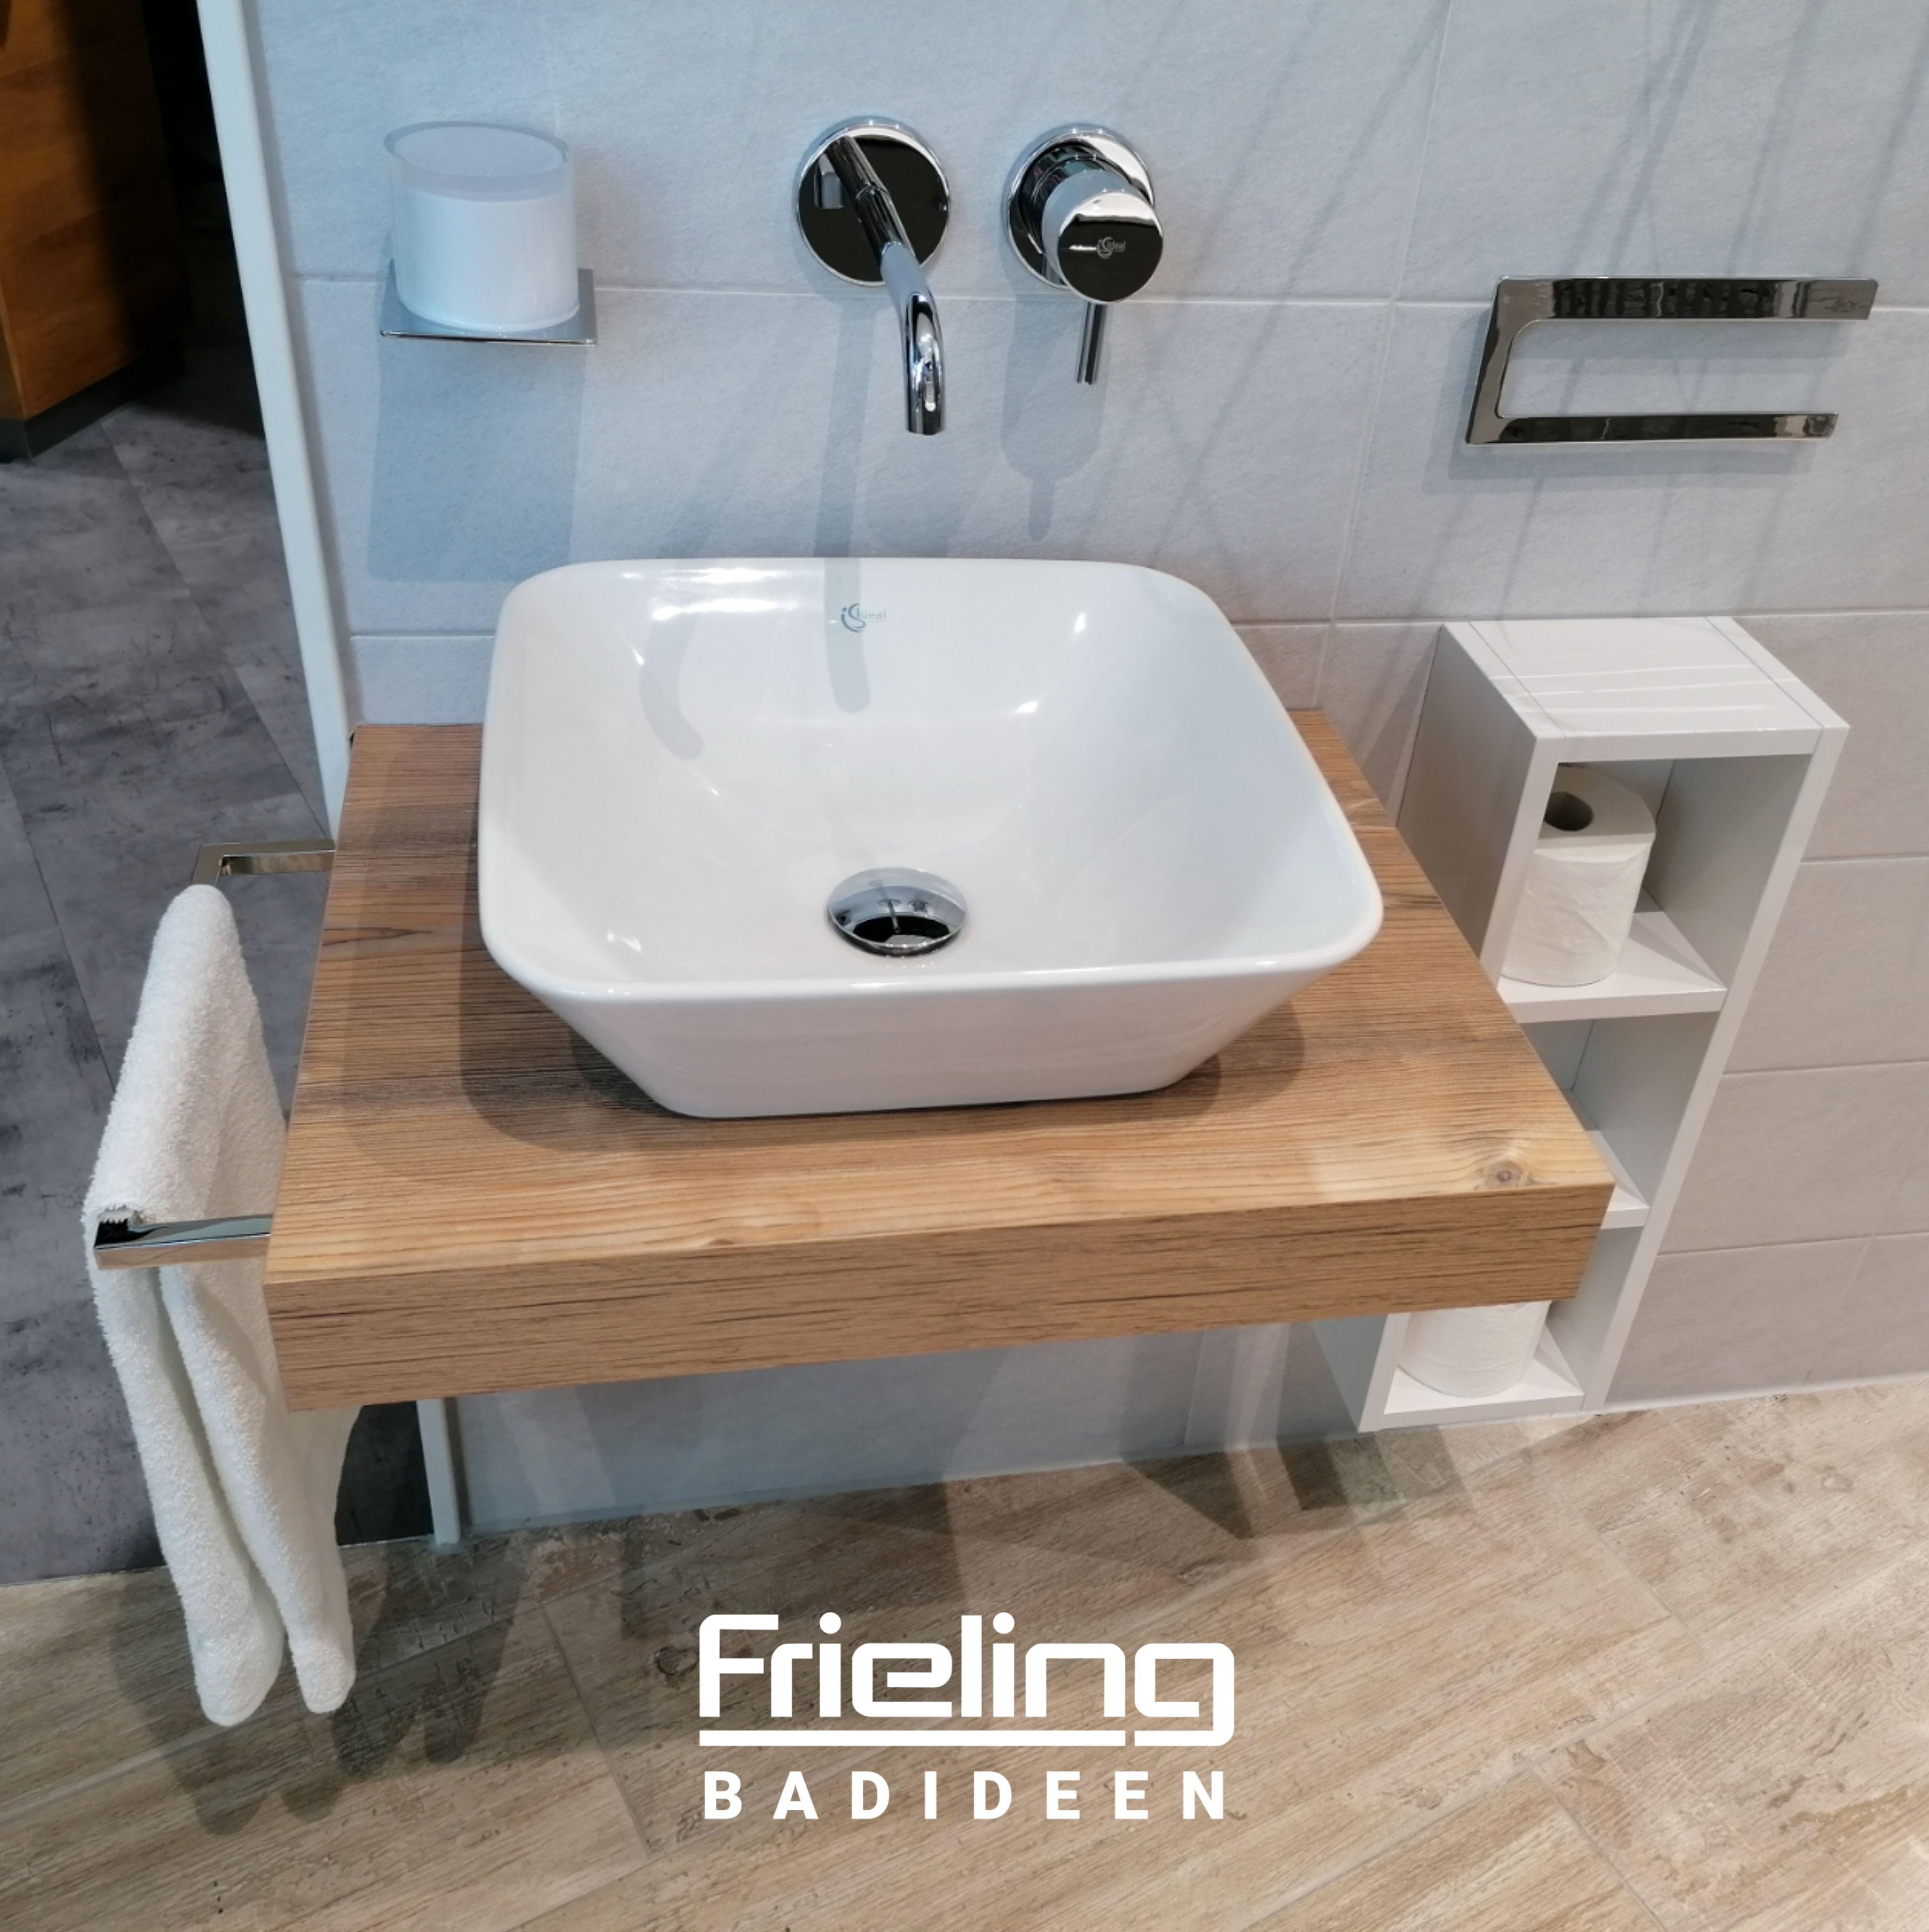 Waschtischalternativen Fur Ihr Familien Oder Fur Das Gastebad Stilmix Individuell Zum Wunschbad In 2020 Bader Ideen Badezimmer Design Bad